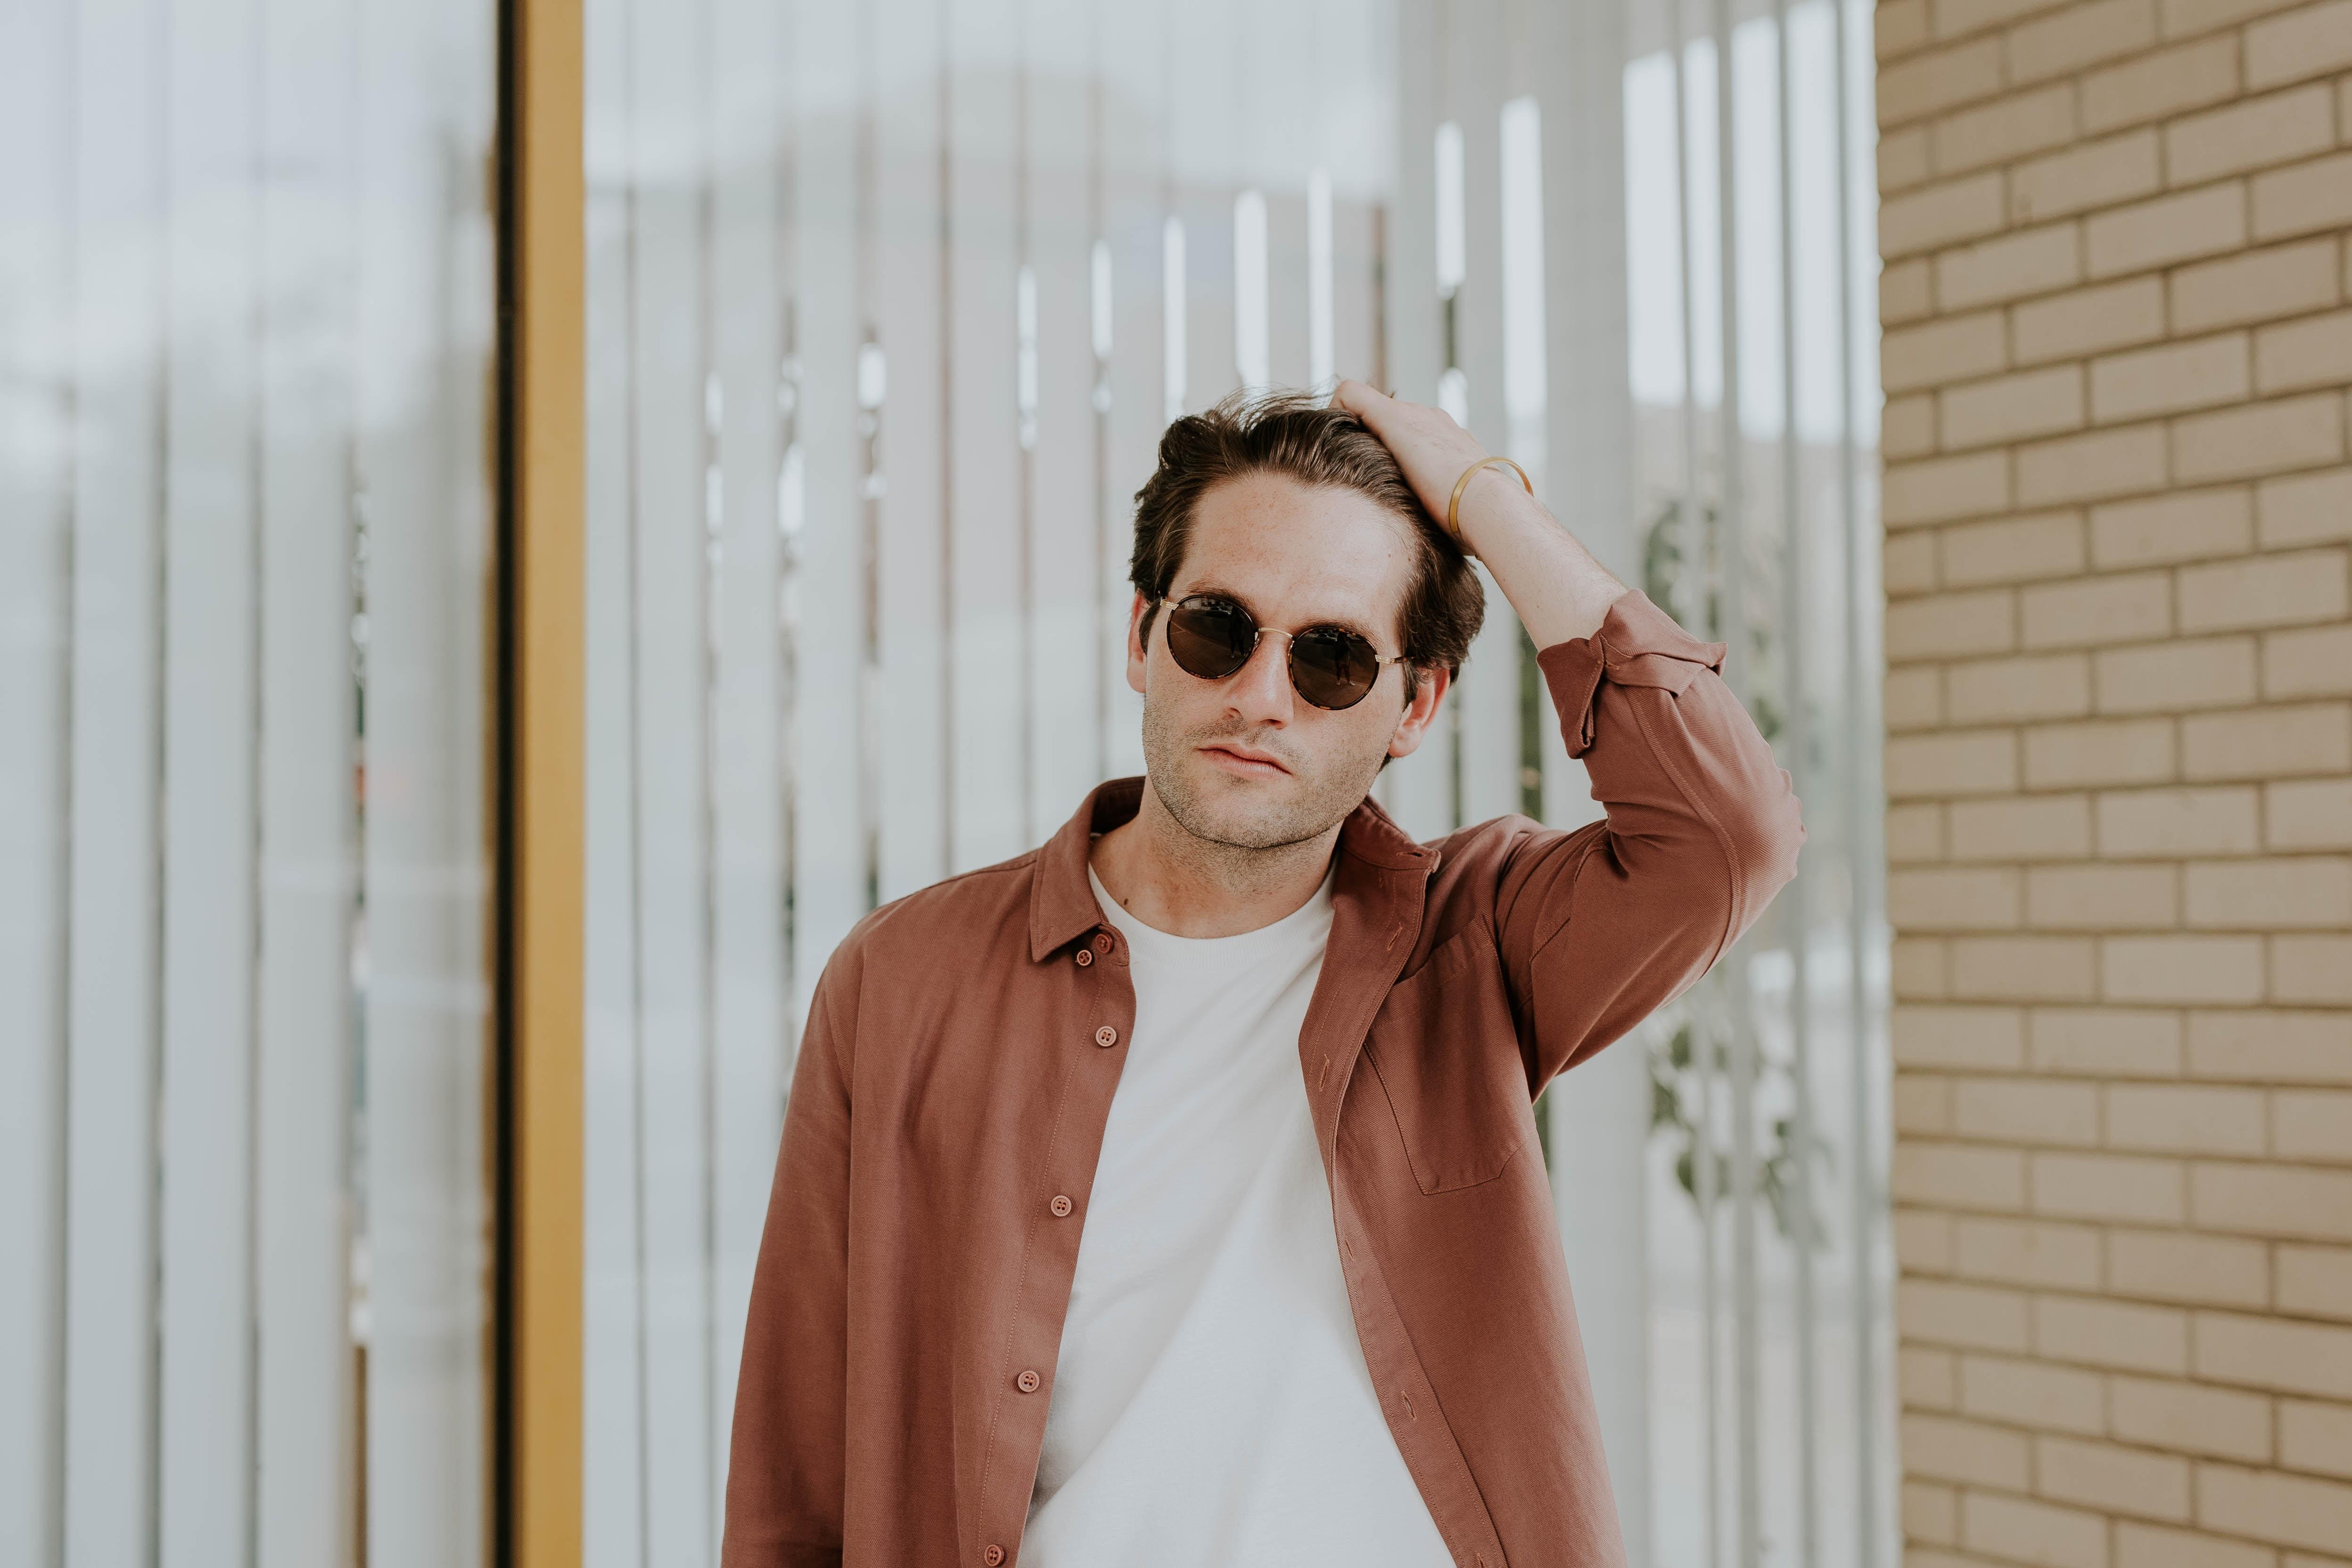 man in brown jacket near window blinds